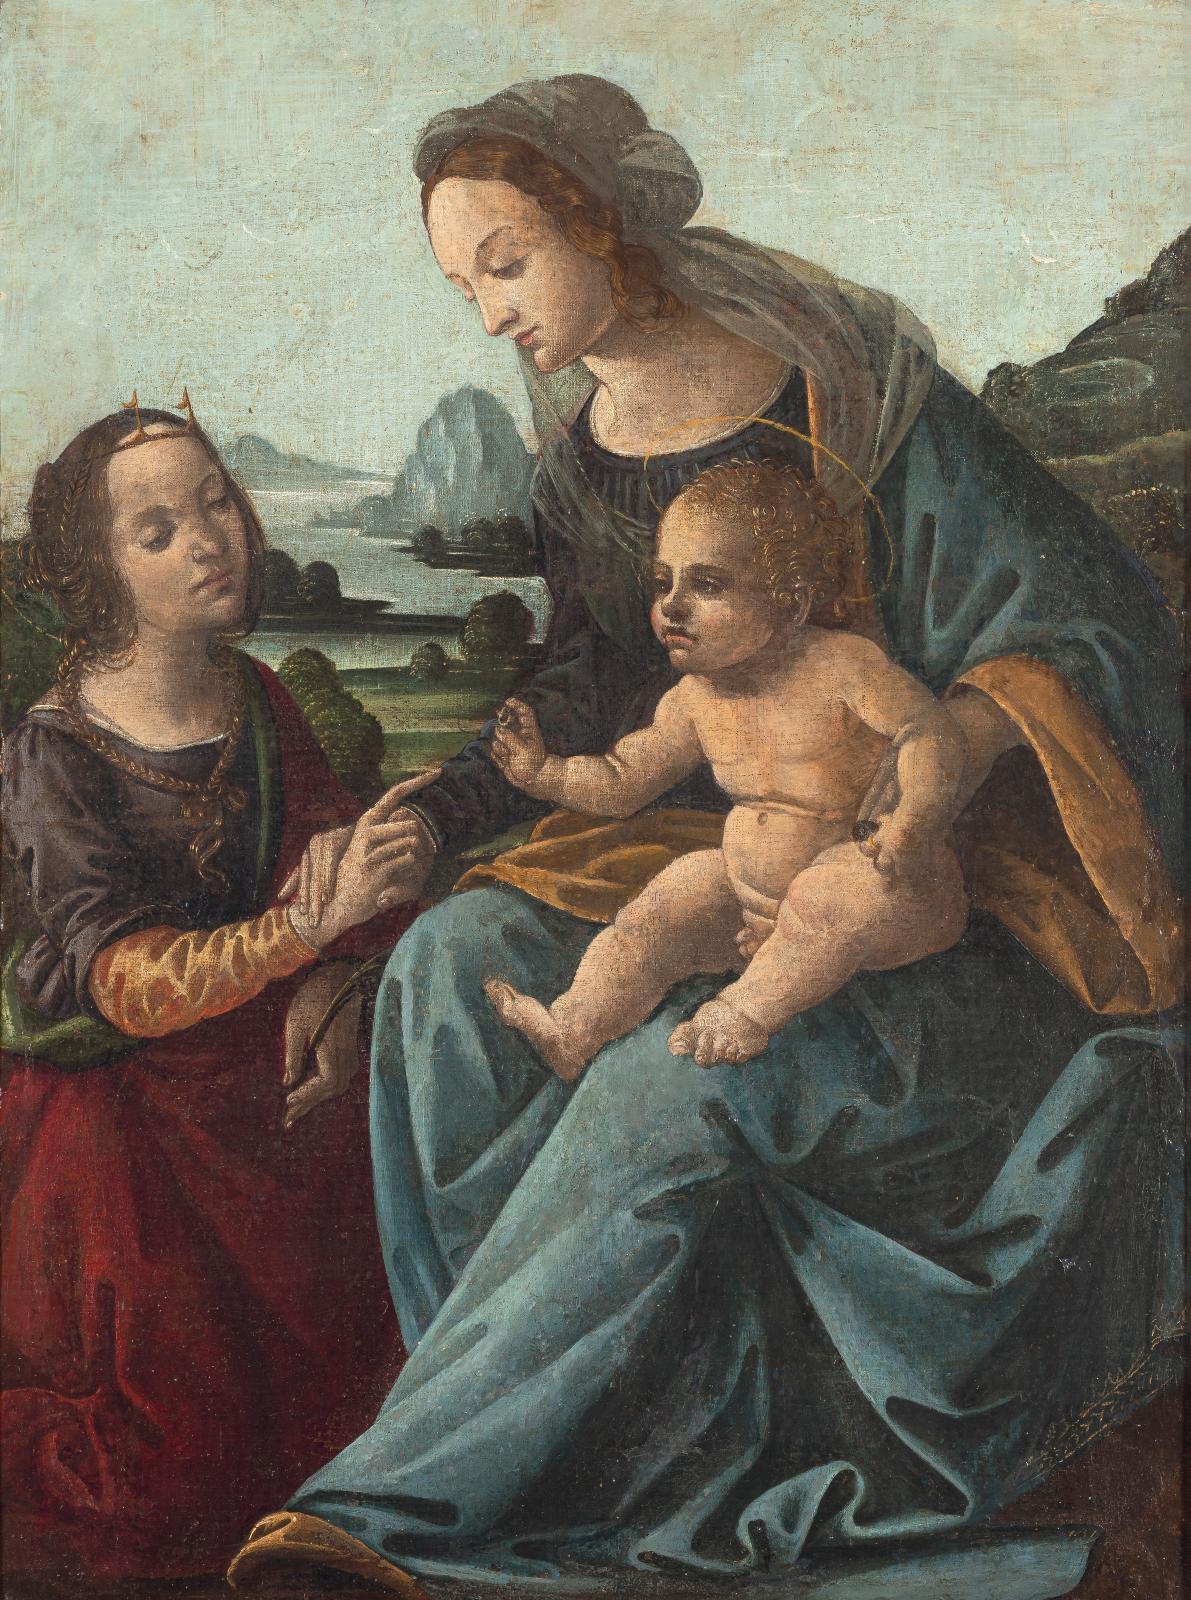 École florentine vers 1480, entourage d'Andrea del Verrochio, Le Mariage mystique de sainte Catherine, toile marouflée sur panneau, 60x4